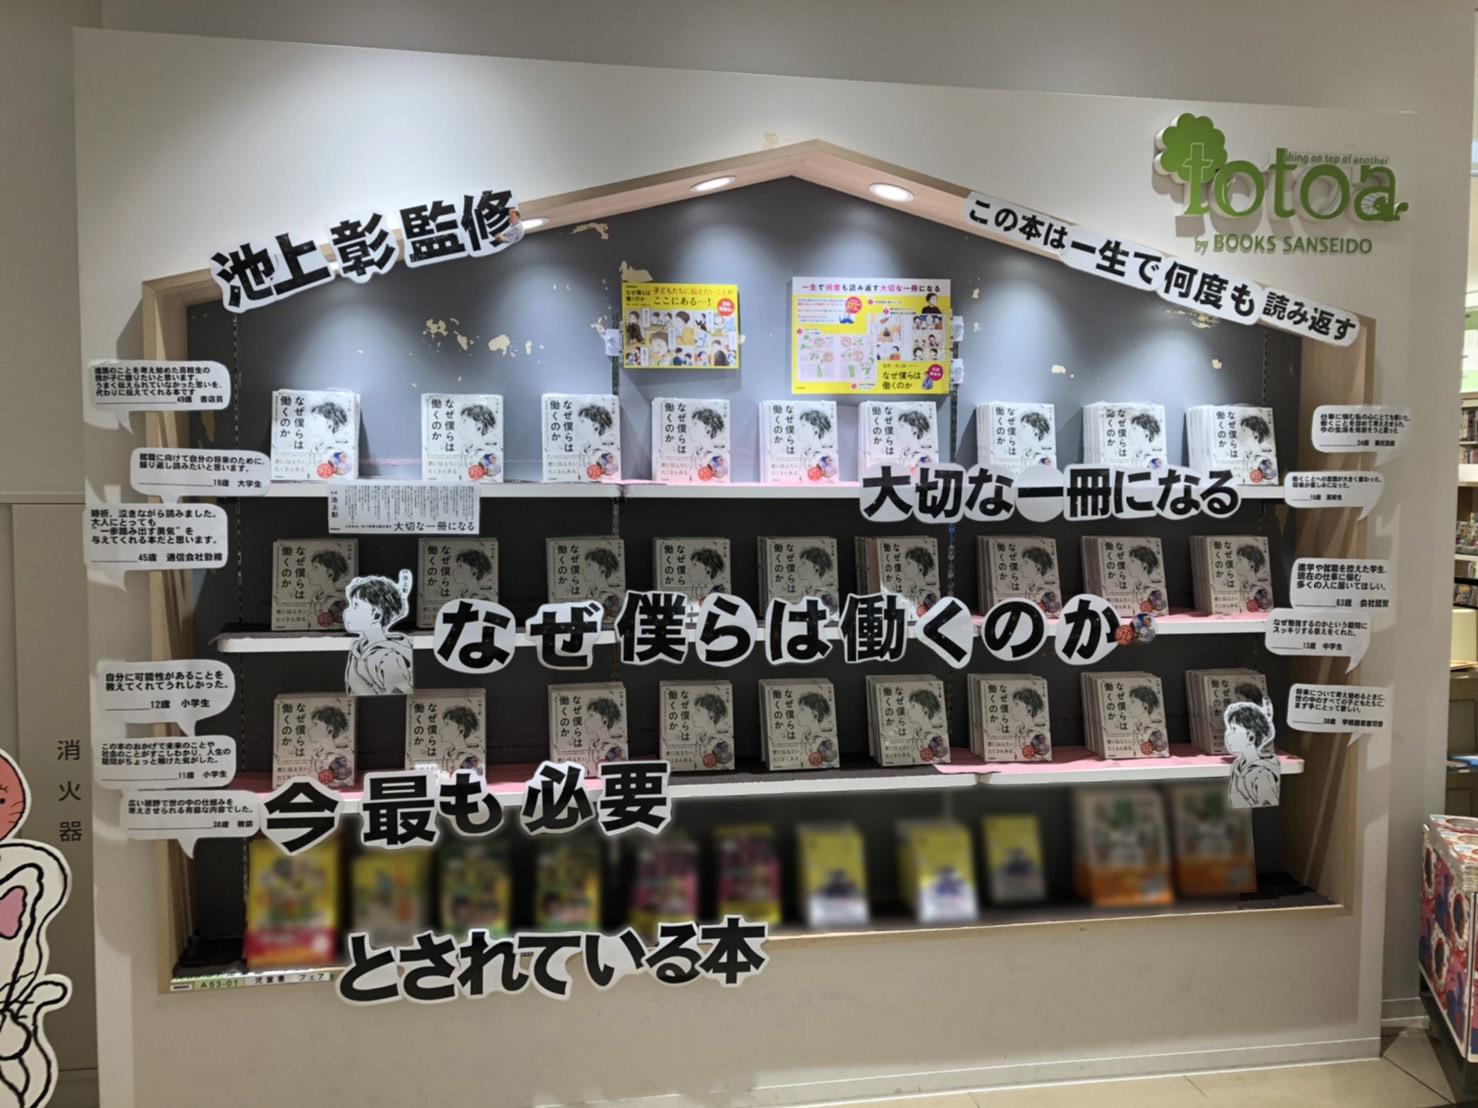 「三省堂書店名古屋本店での展開の様子」画像